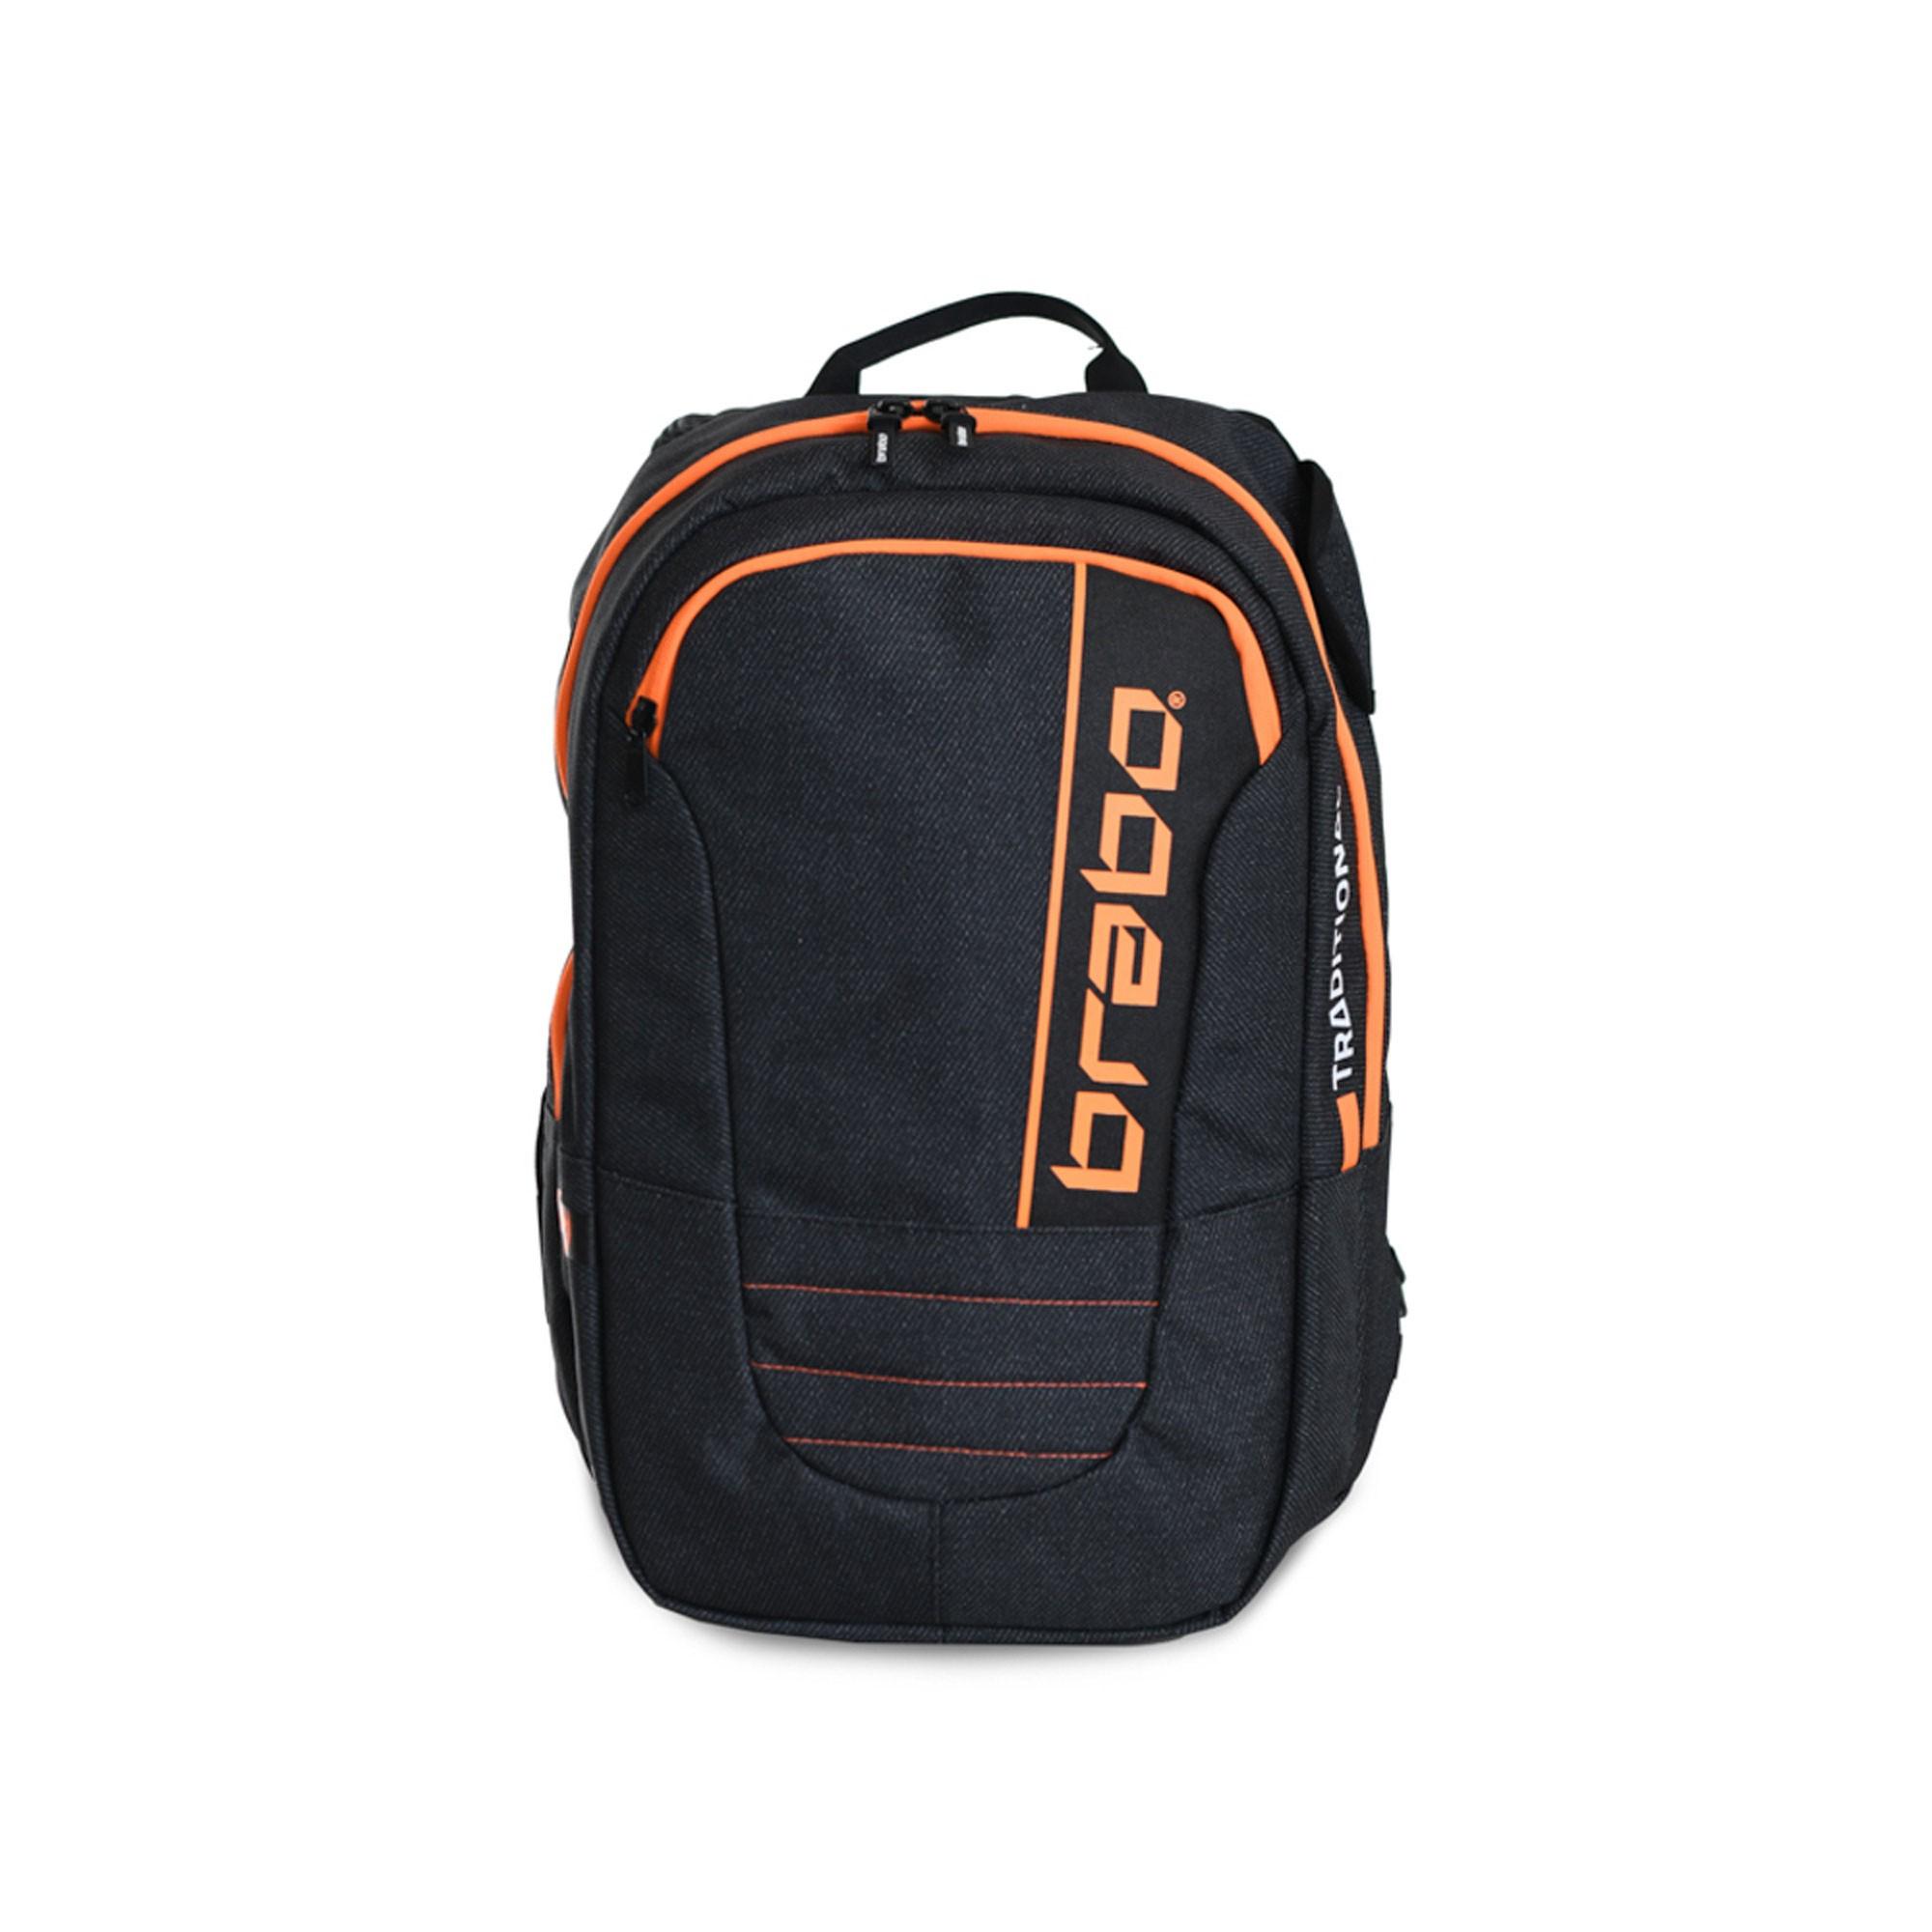 Afbeelding van Brabo Backpack Traditional Denim Hockeytas Black Orange